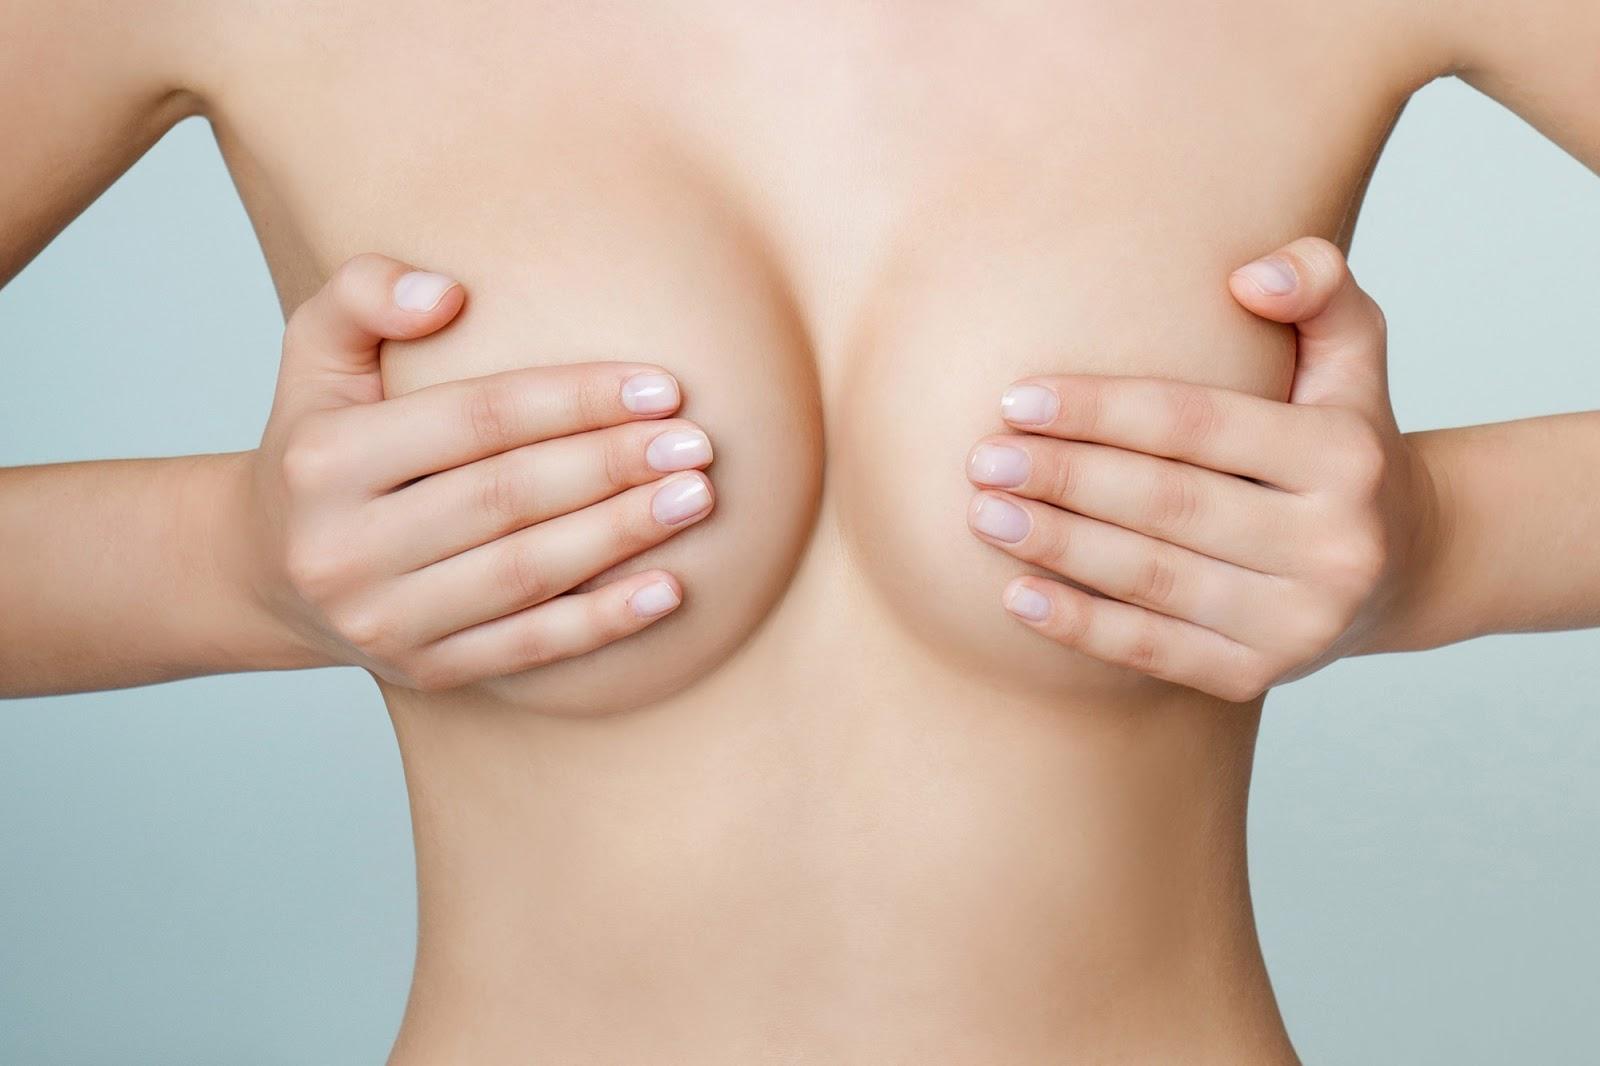 réduction-mammaire-tunisie